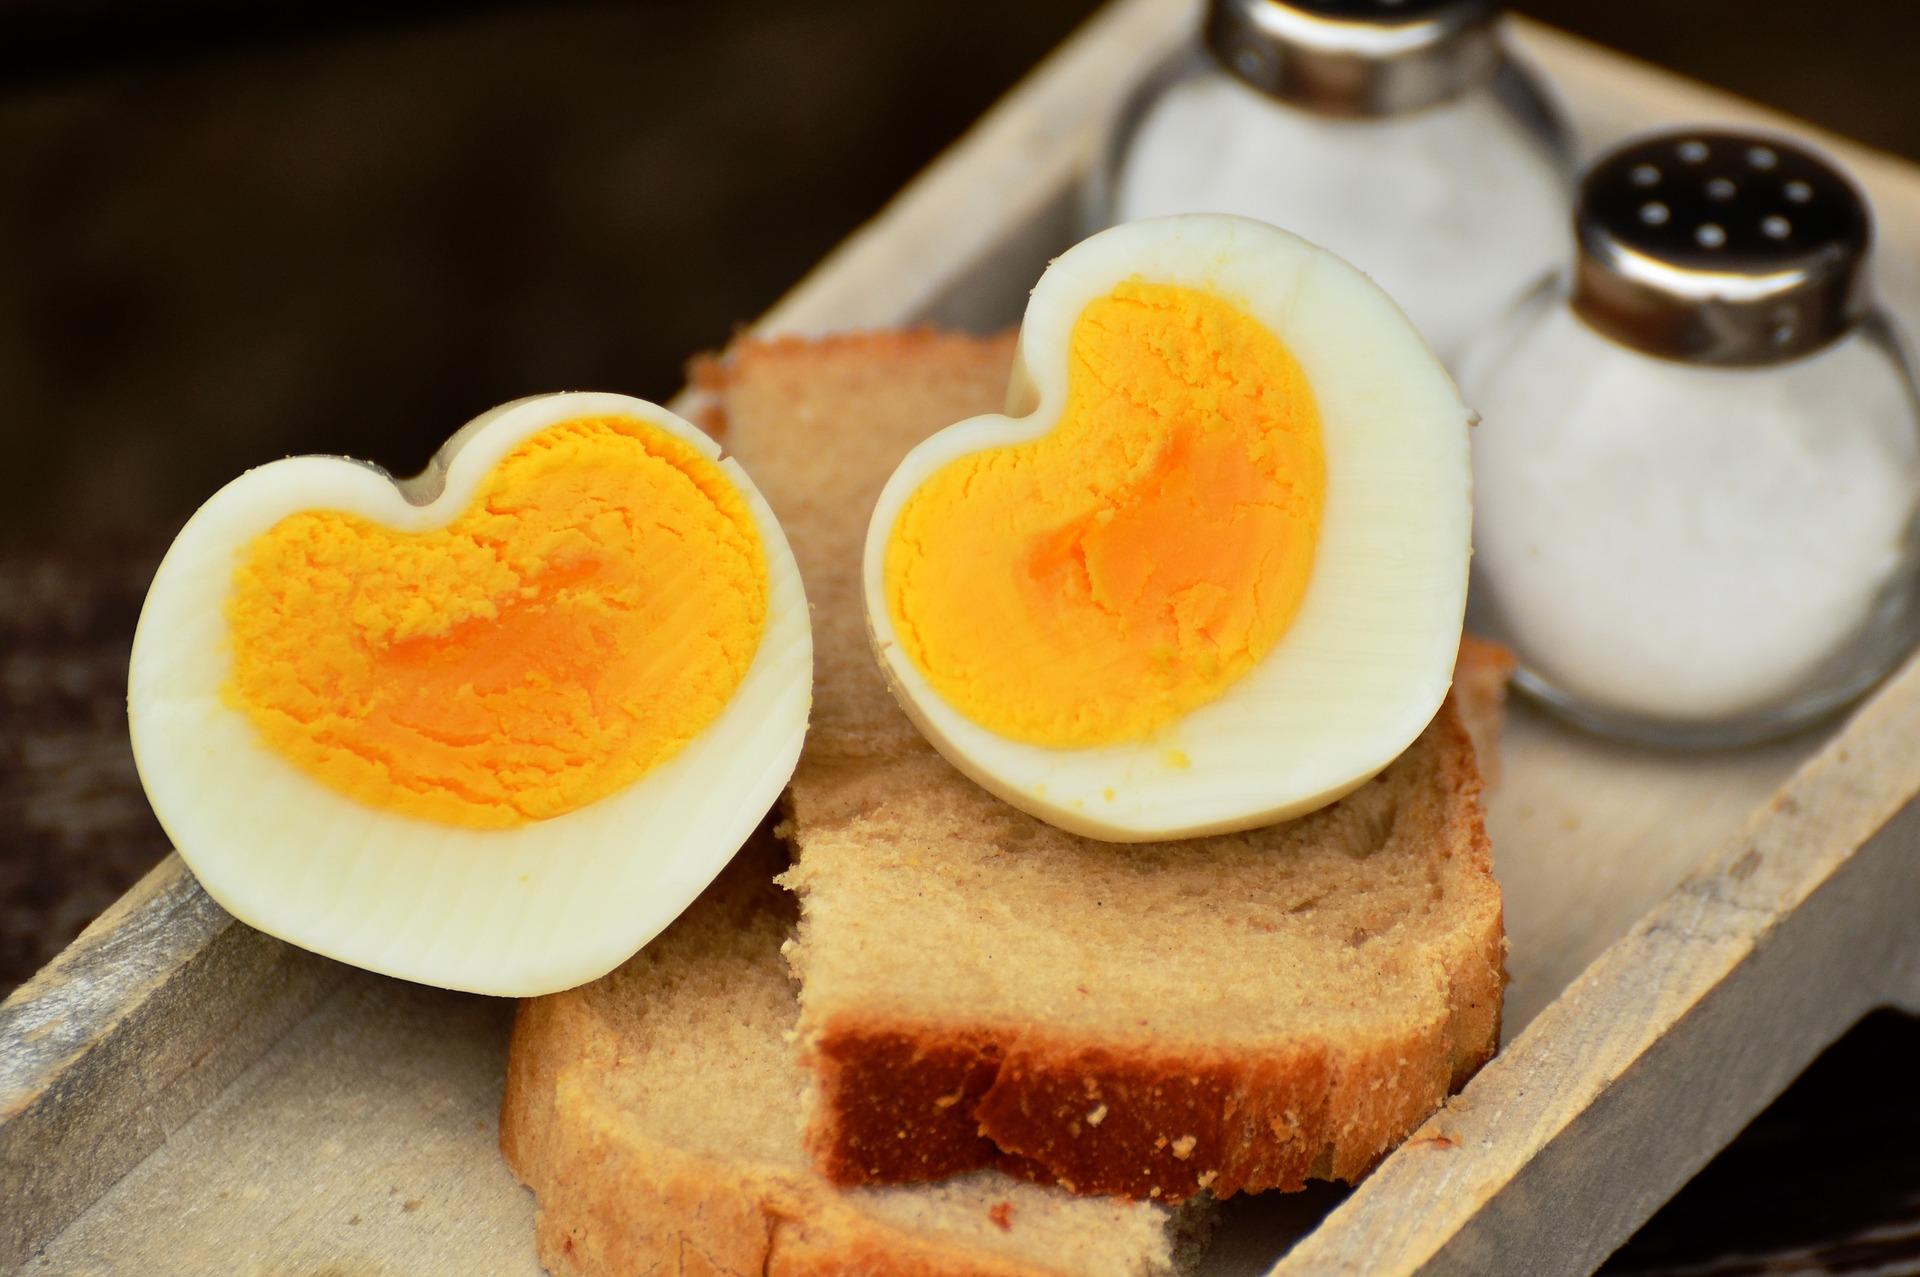 ゆで卵の作り方完全まとめ【半熟~固ゆで・きれいに剥く】